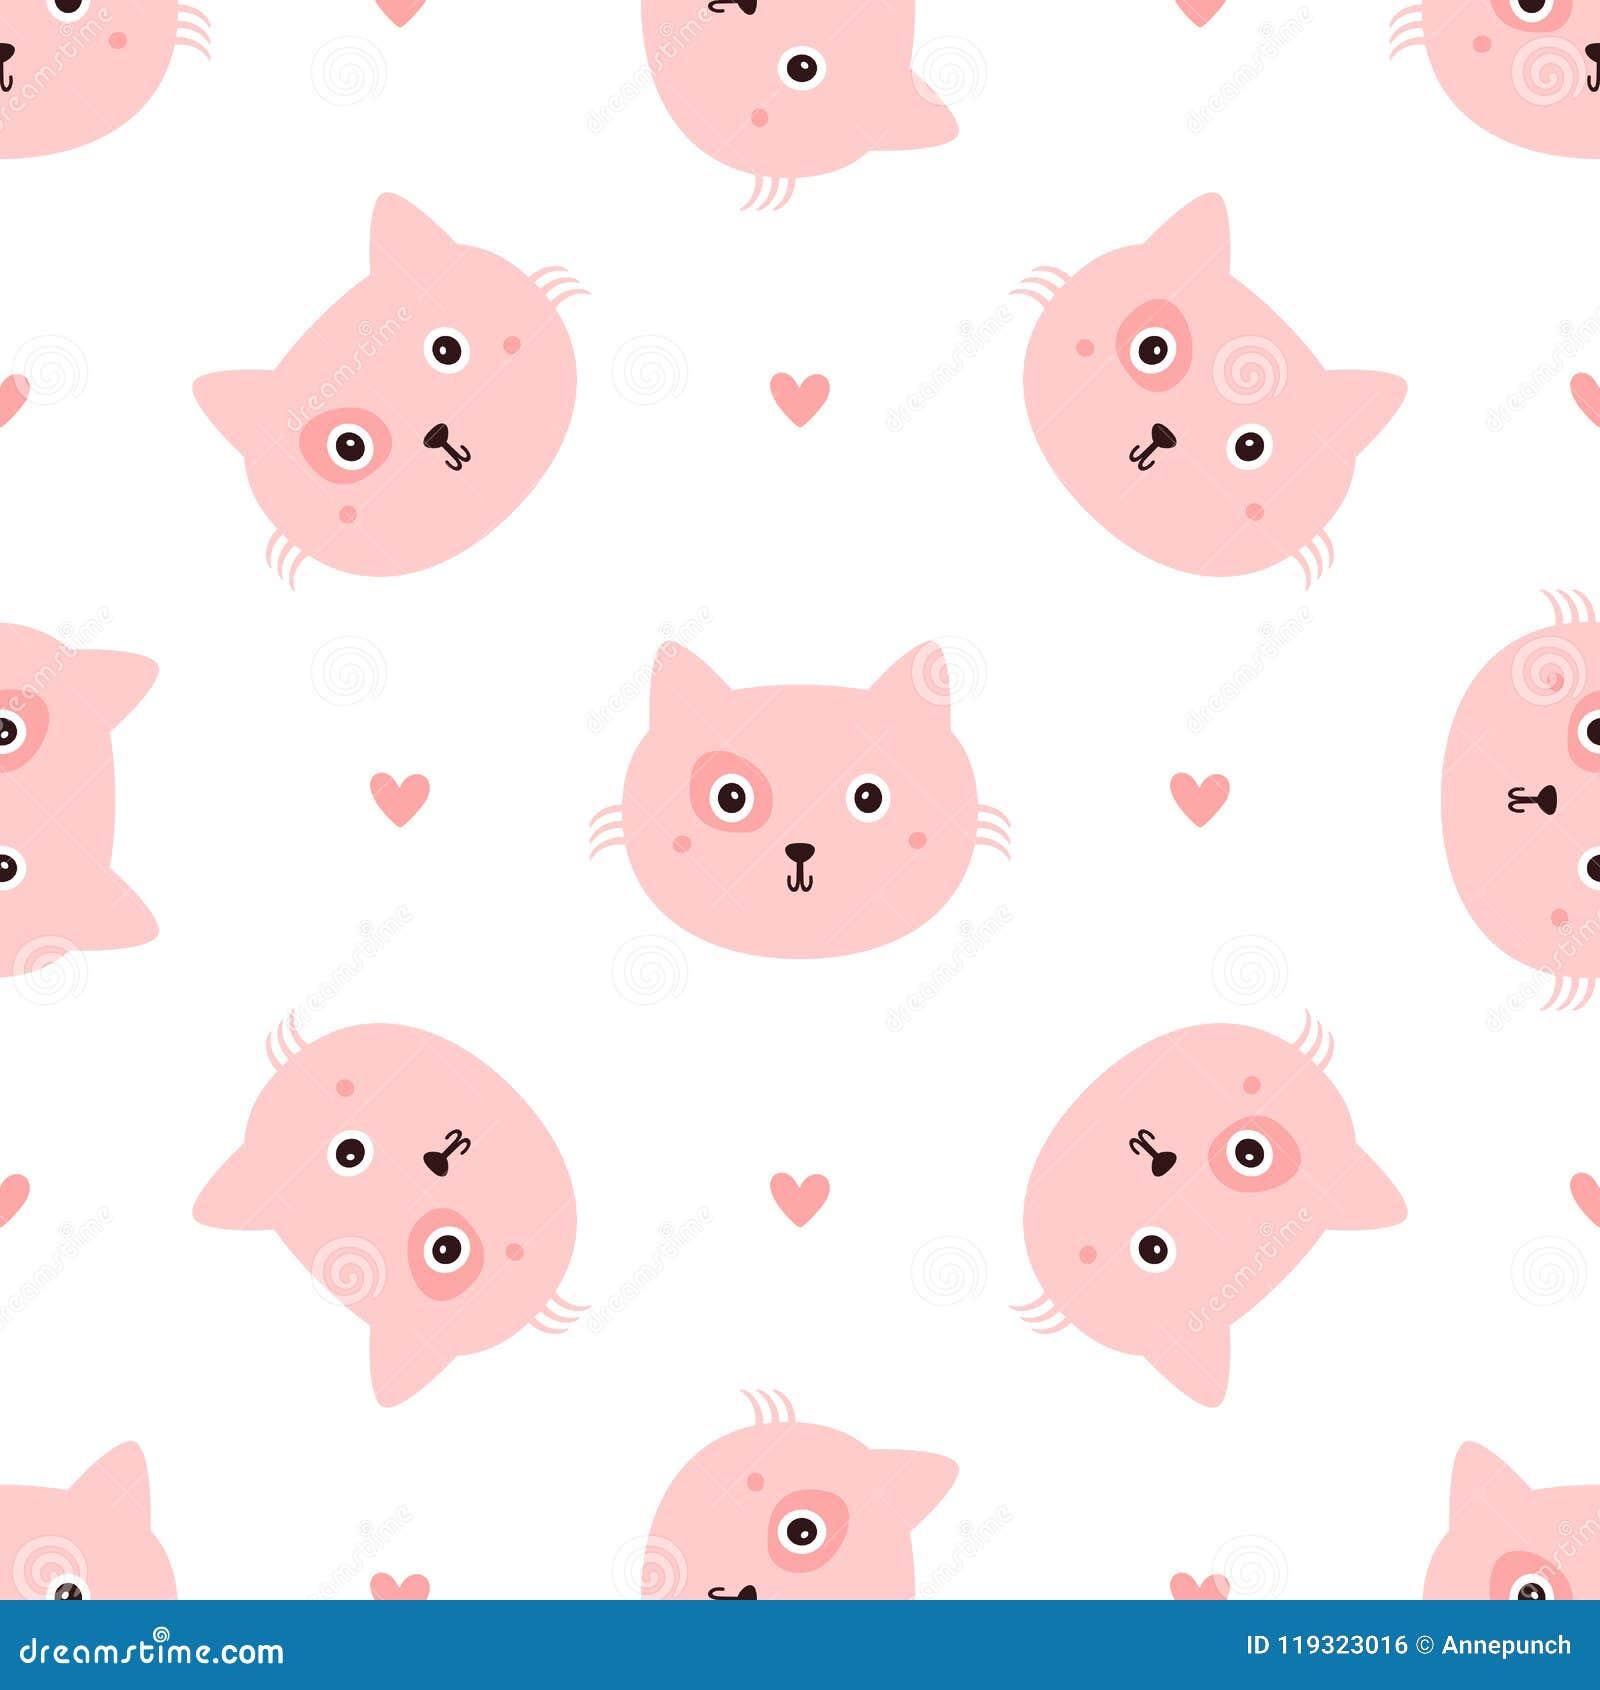 Wiederholte Hauptkatzen und Herzen eigenhändig gezeichnet Nahtloses Muster mit nettem Tier